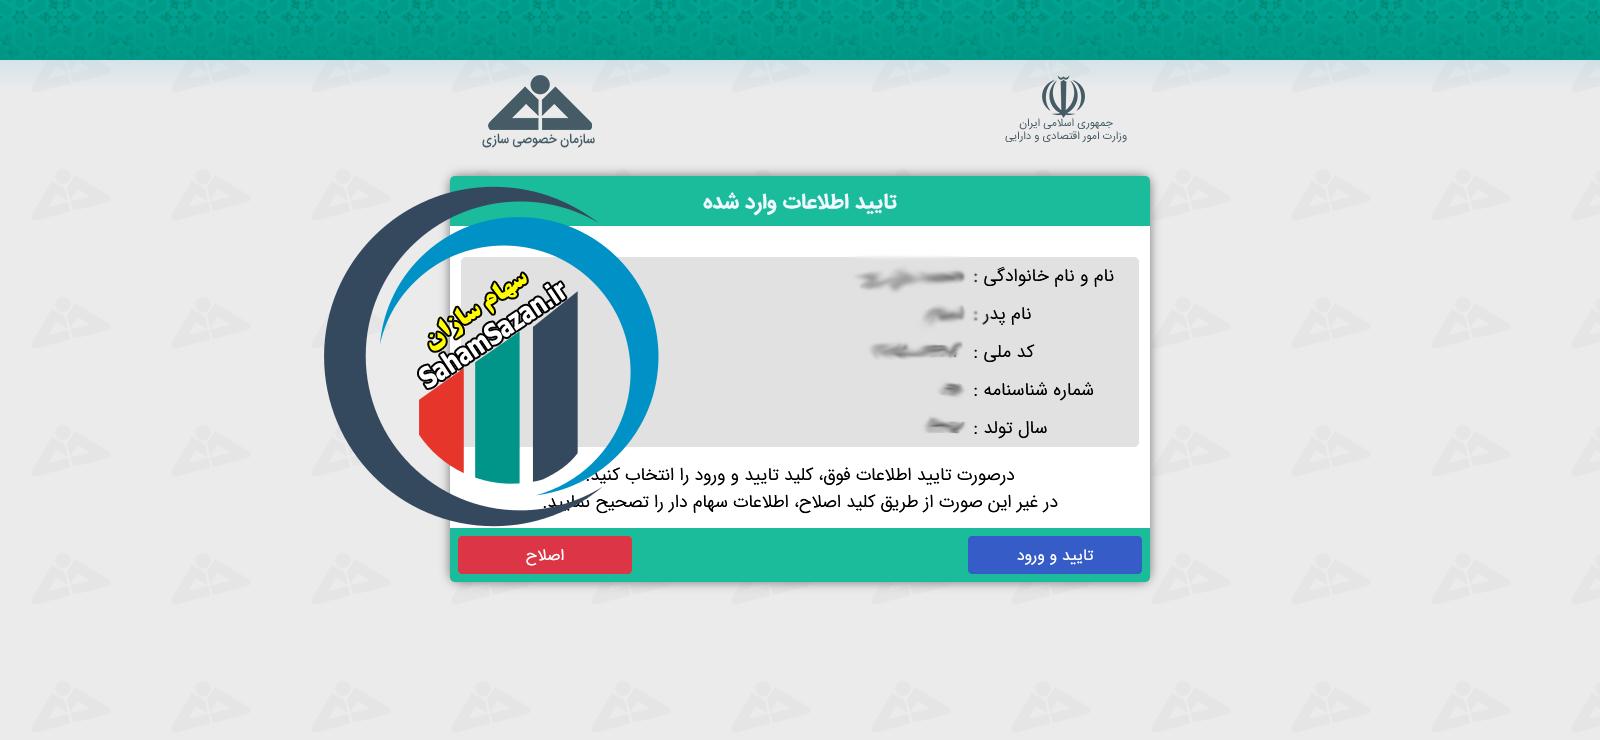 تایید اطلاعات در سامانه سهام عدالت ایرانیان